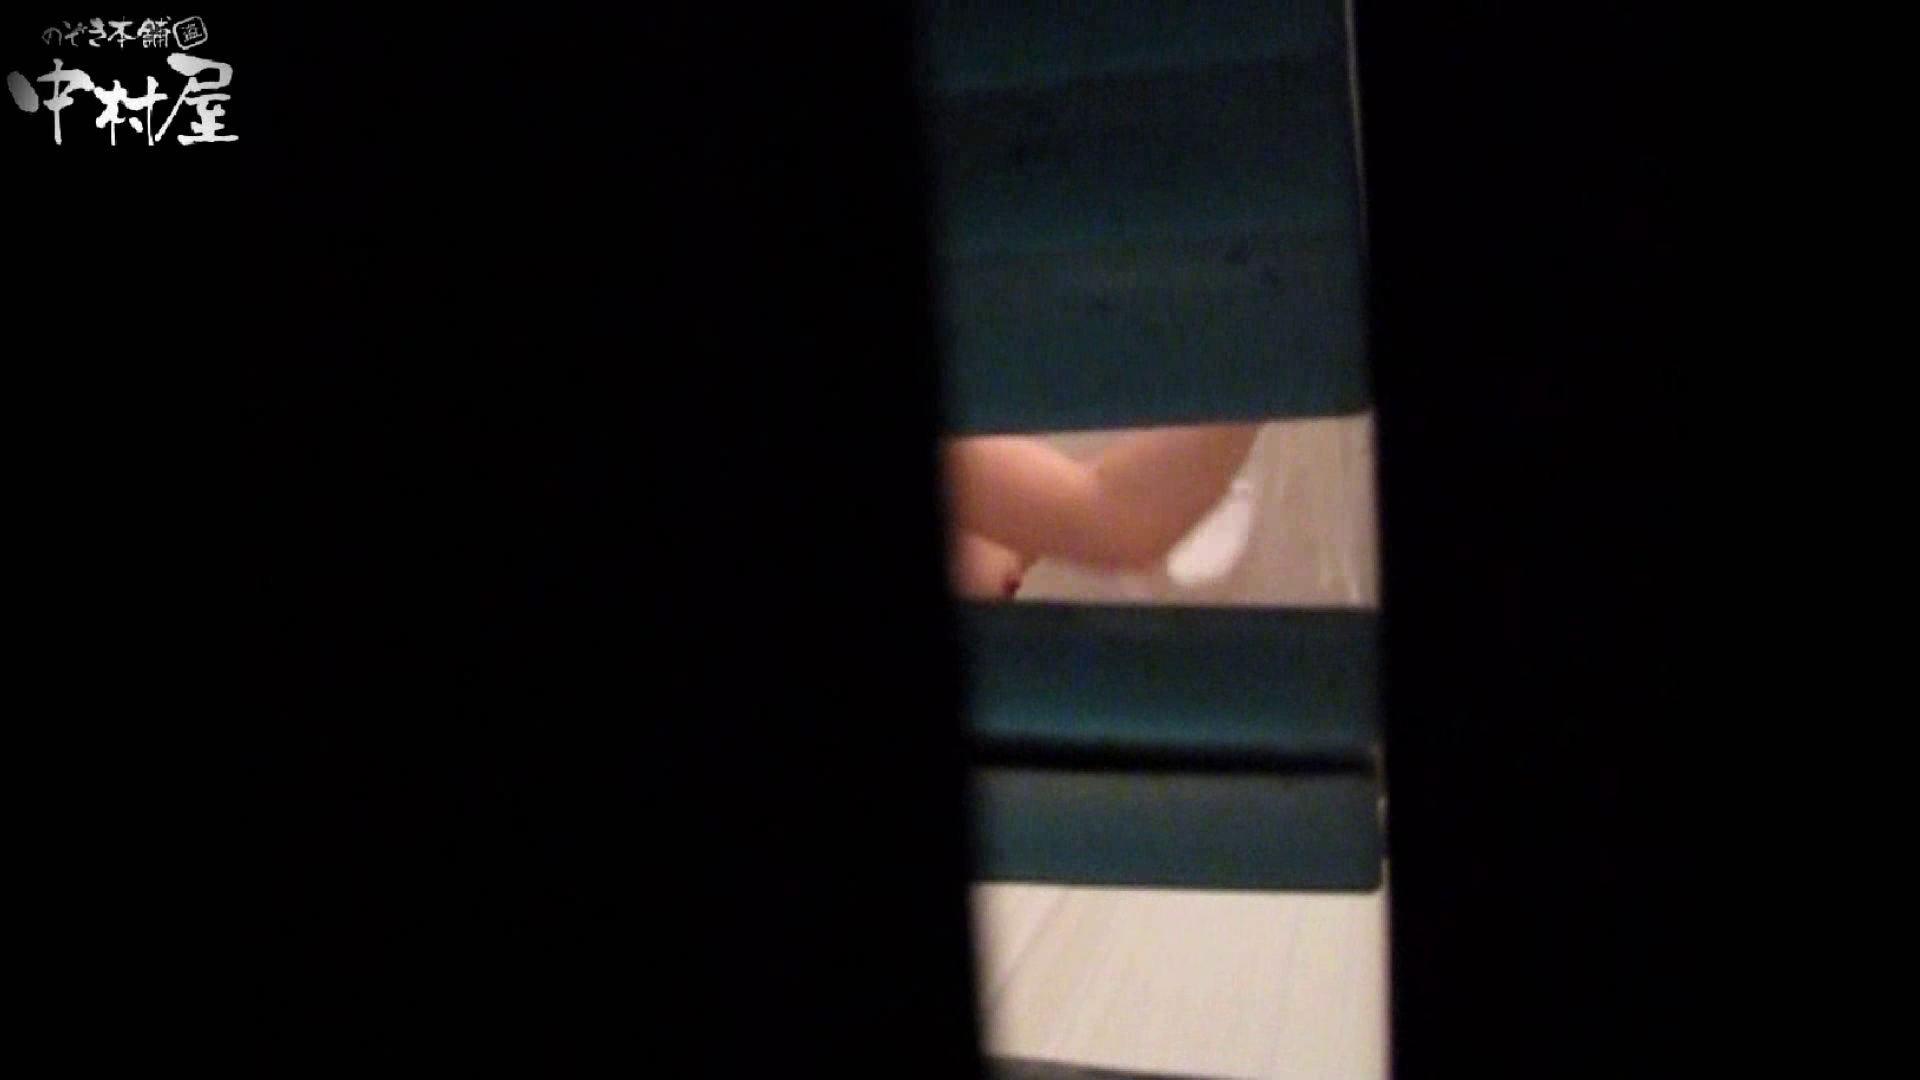 民家風呂専門盗撮師の超危険映像 vol.022 美少女エロ画像 えろ無修正画像 54PICs 5